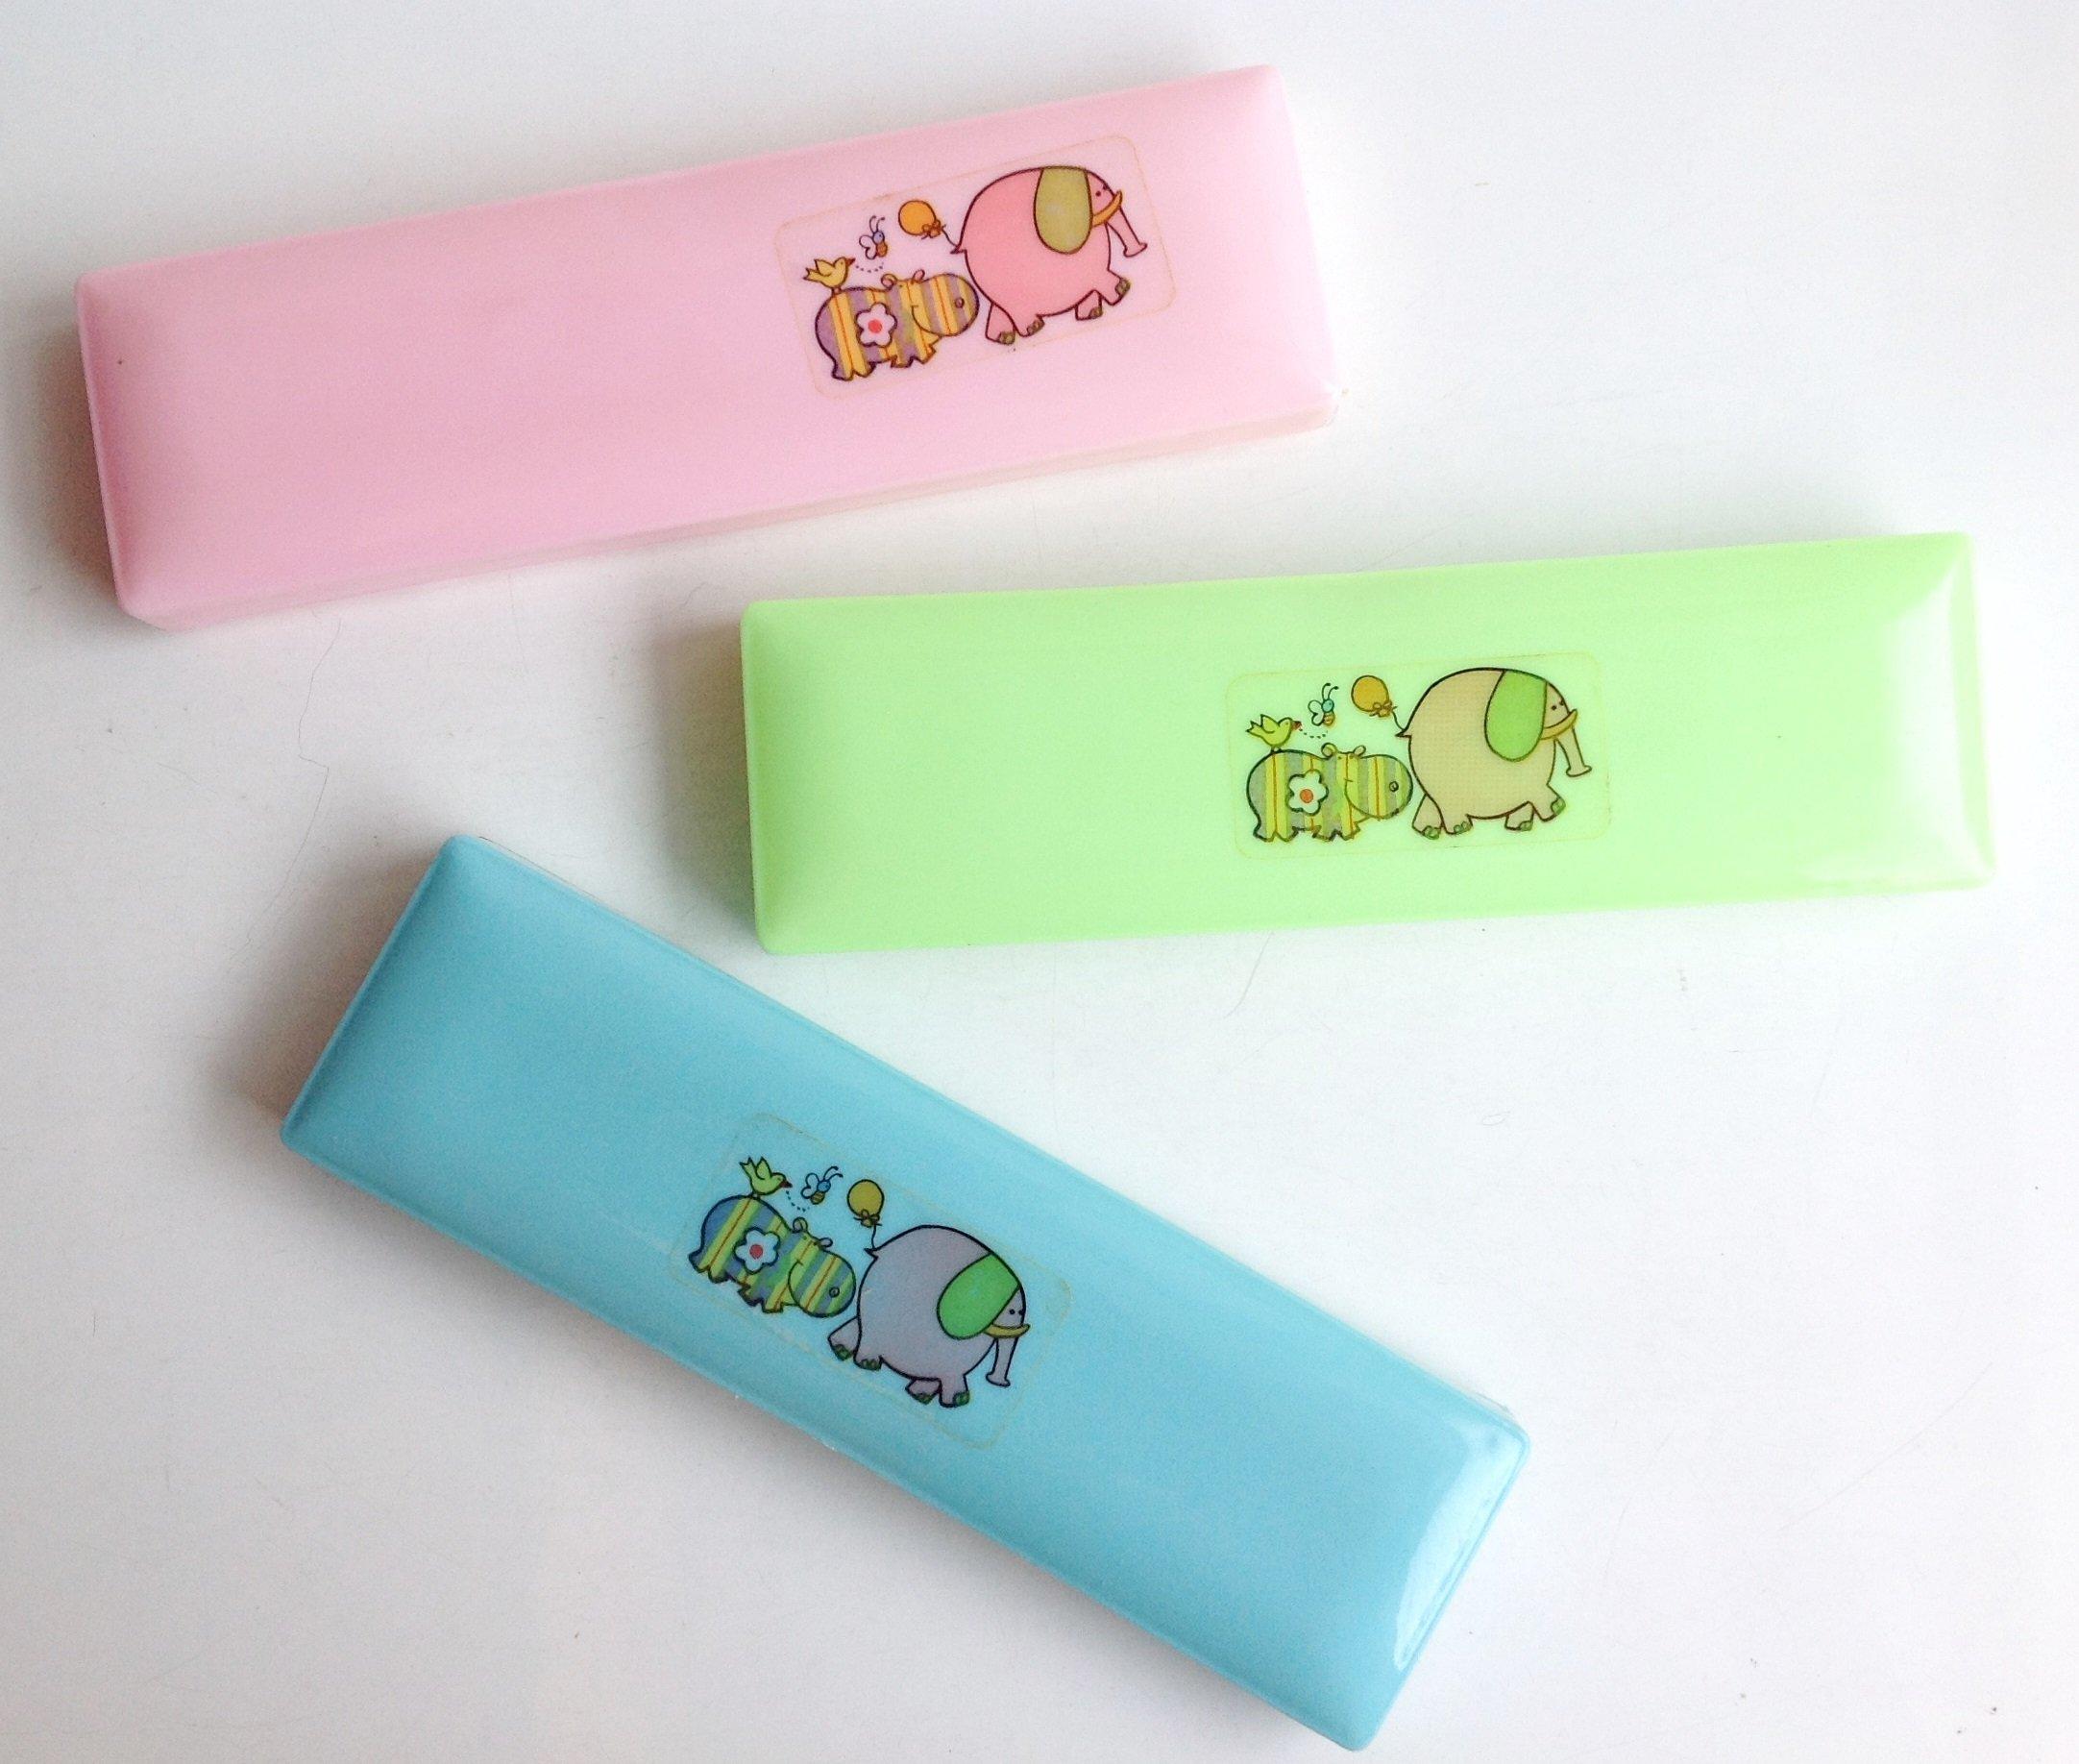 《**童趣** 》懷舊復古 掀蓋式鉛筆盒 置物盒 ~ (大象  河馬)3款合售!!小款!!